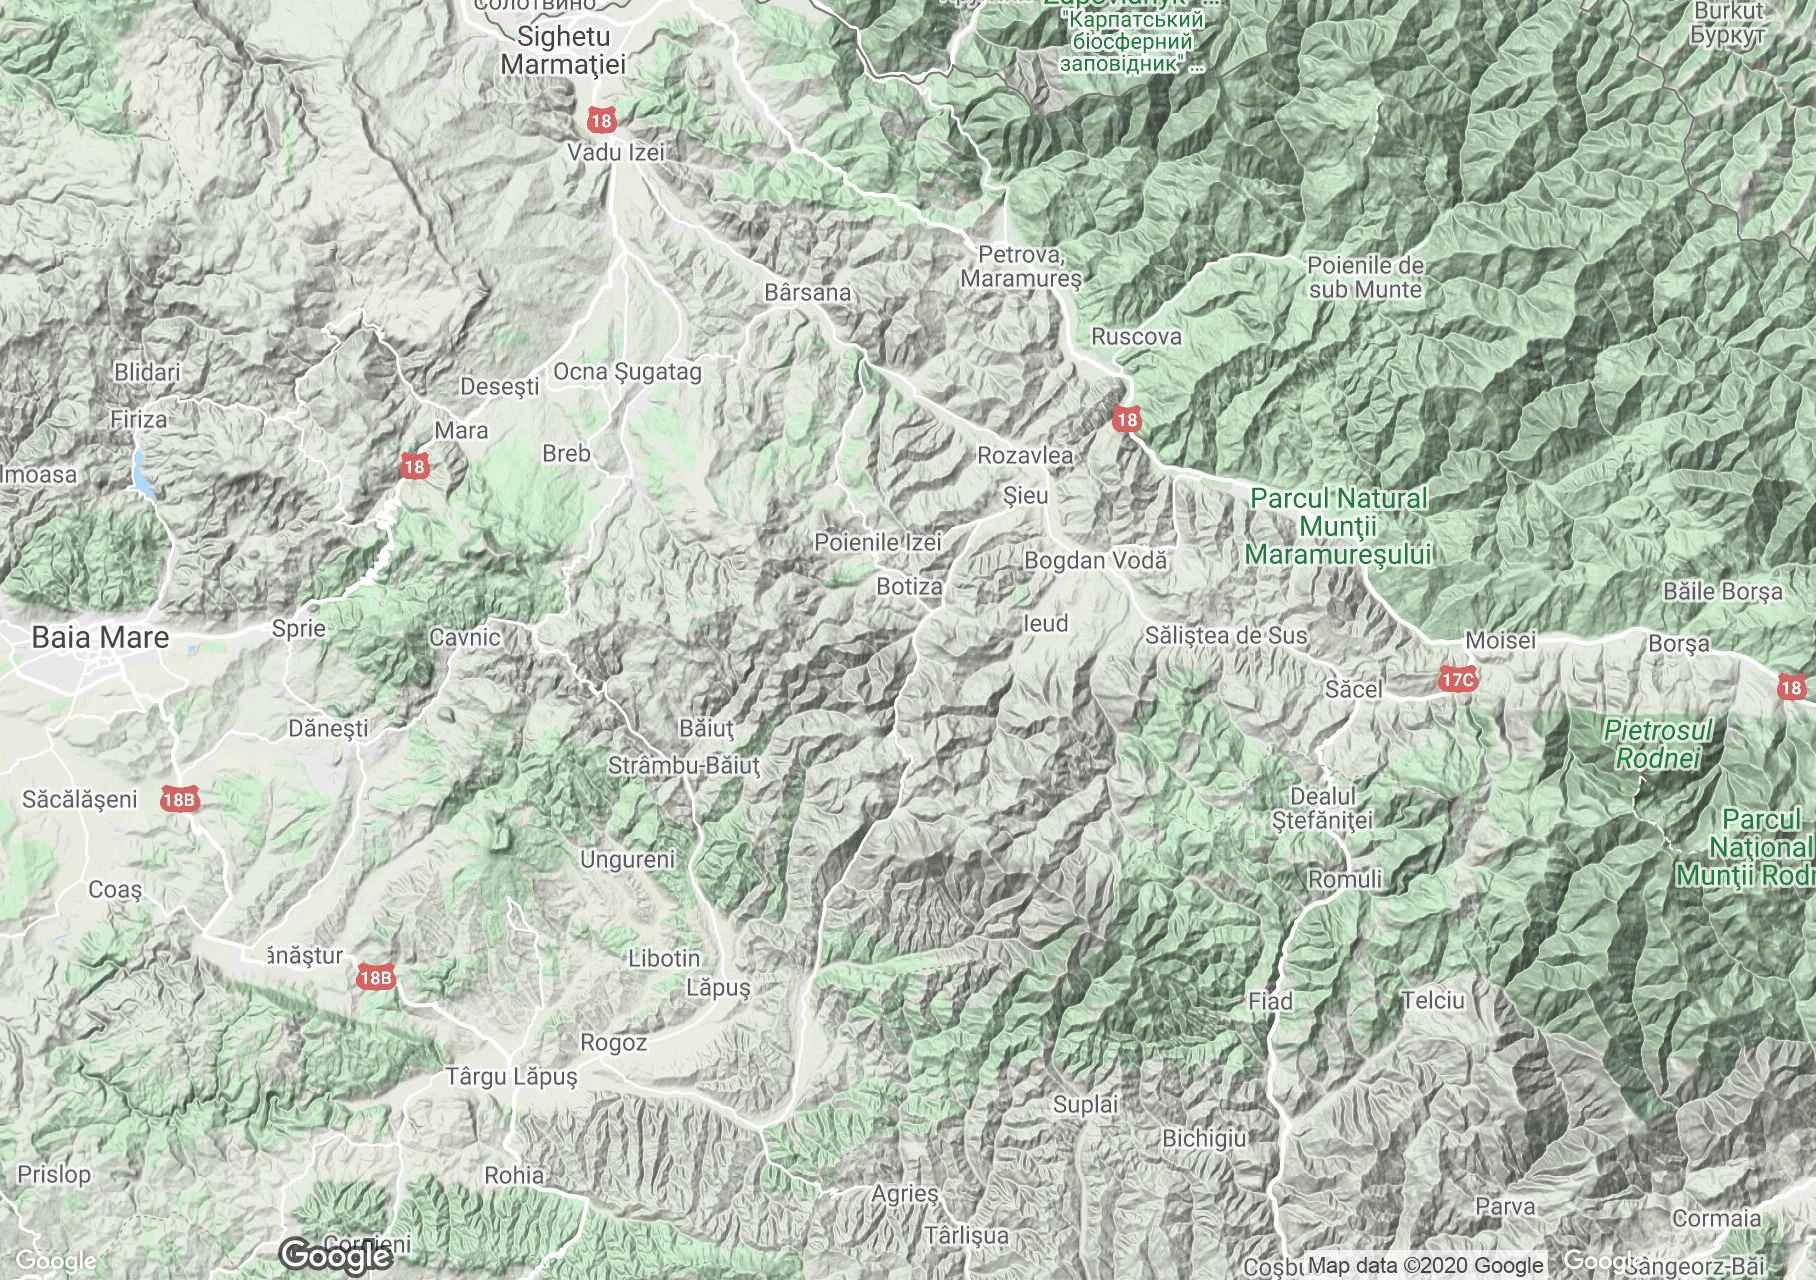 Cibles-hegység interaktív turista térképe.